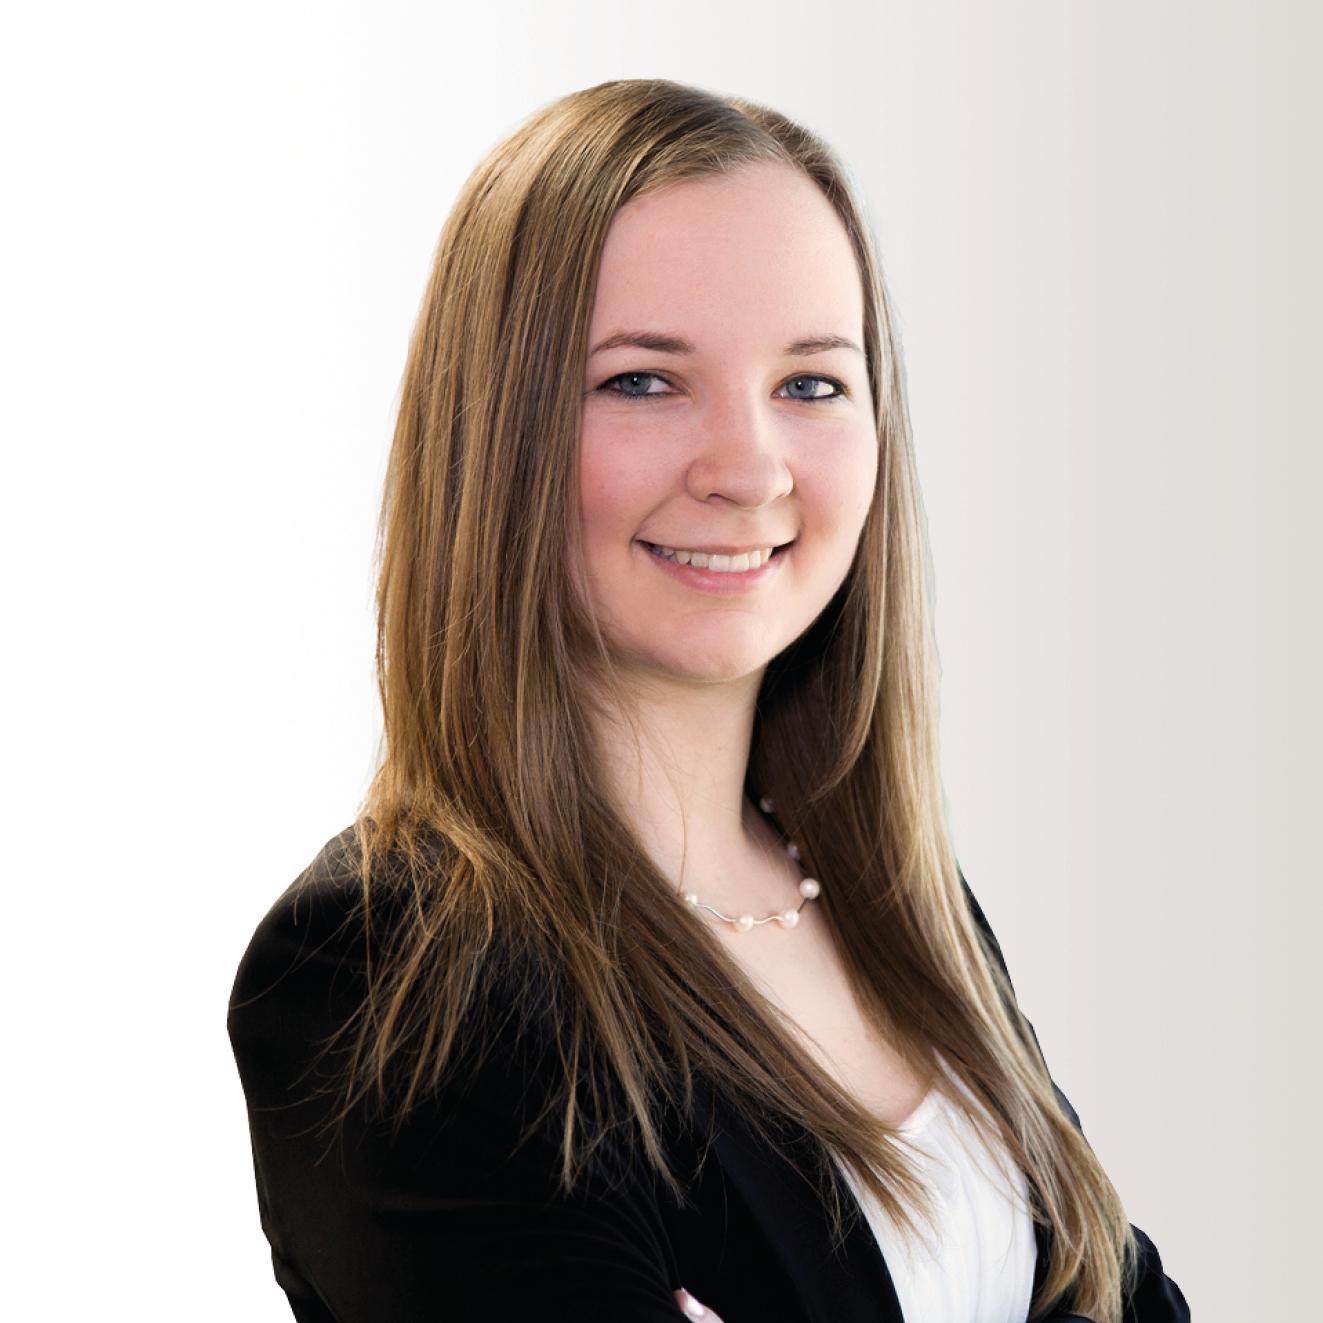 Jasmin Schiffer